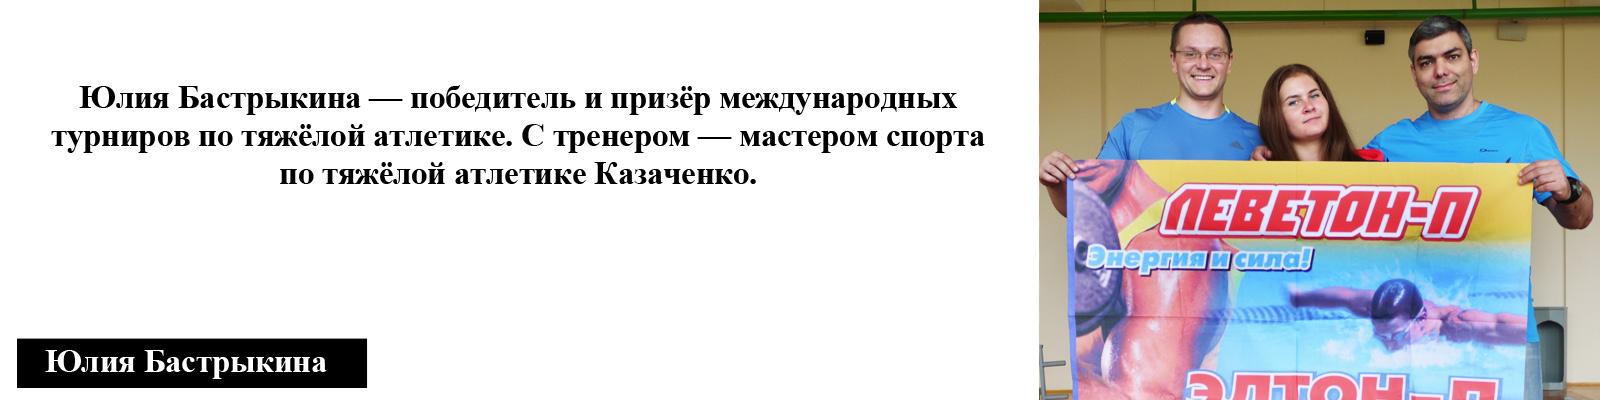 бастрыкина